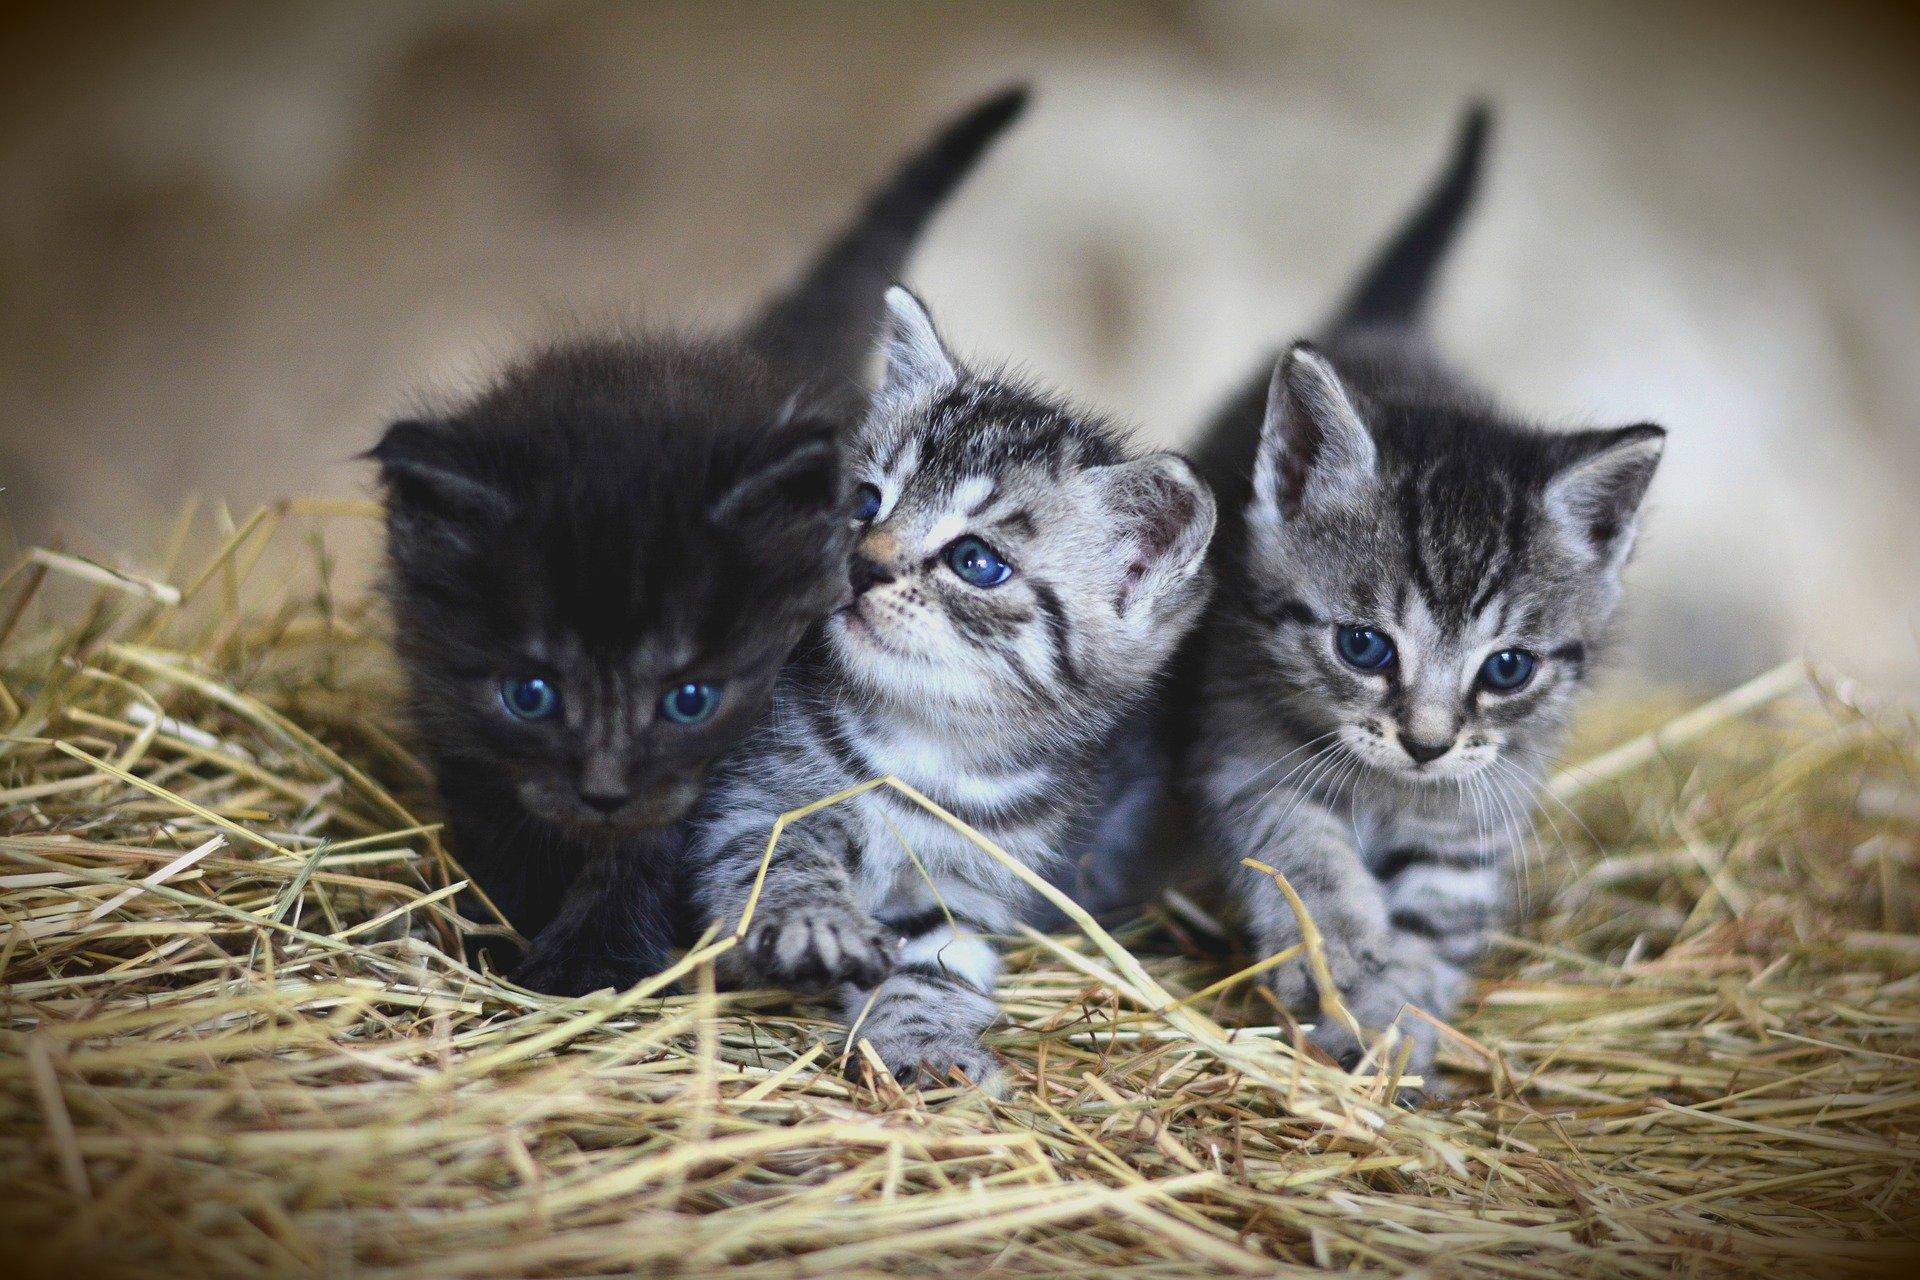 Descubre qué pueden comer los gatitos